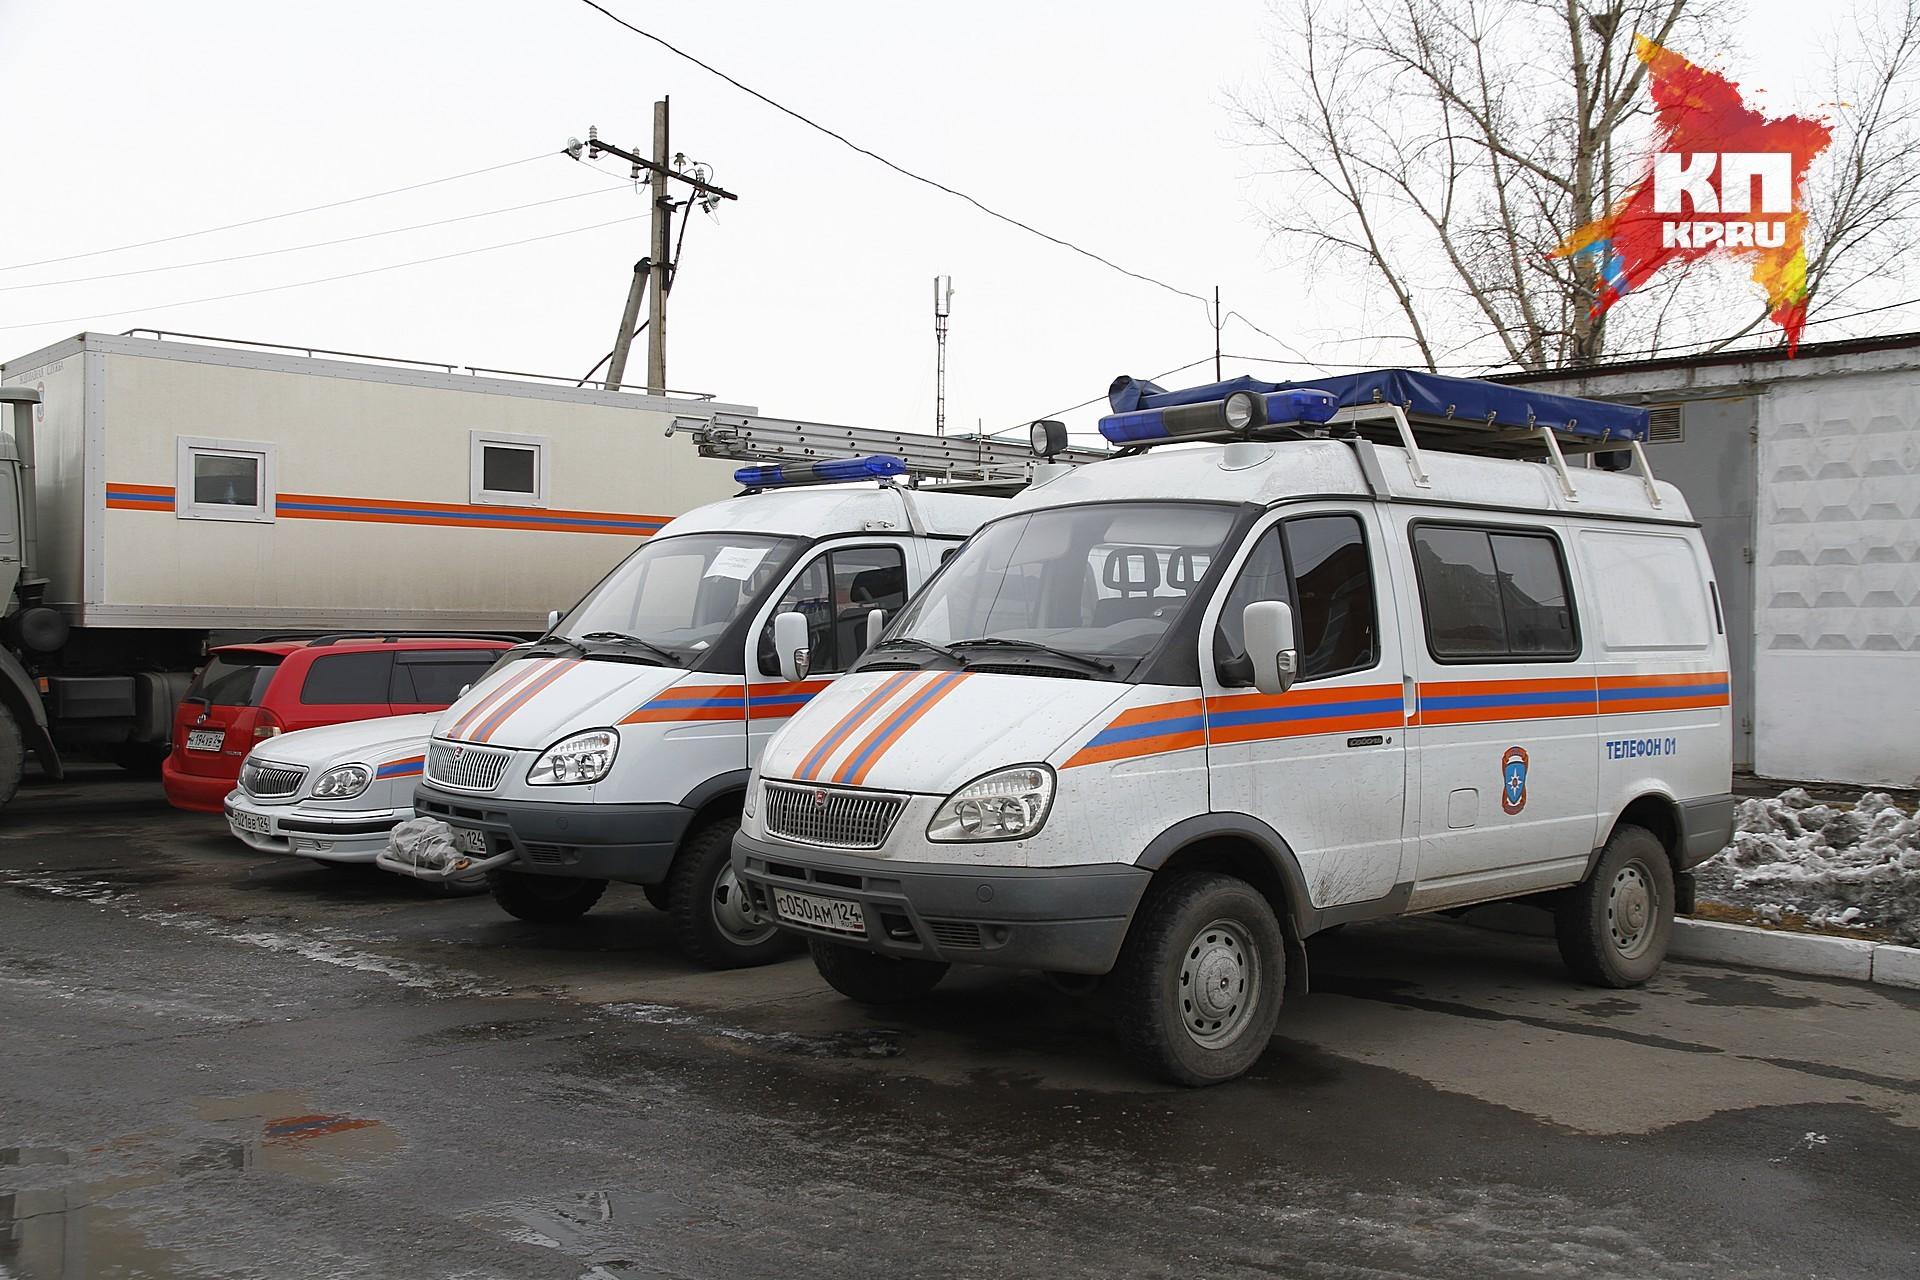 НаКрасноярских «Столбах» две туристки повредили ноги: эвакуировали cотрудники экстренных служб